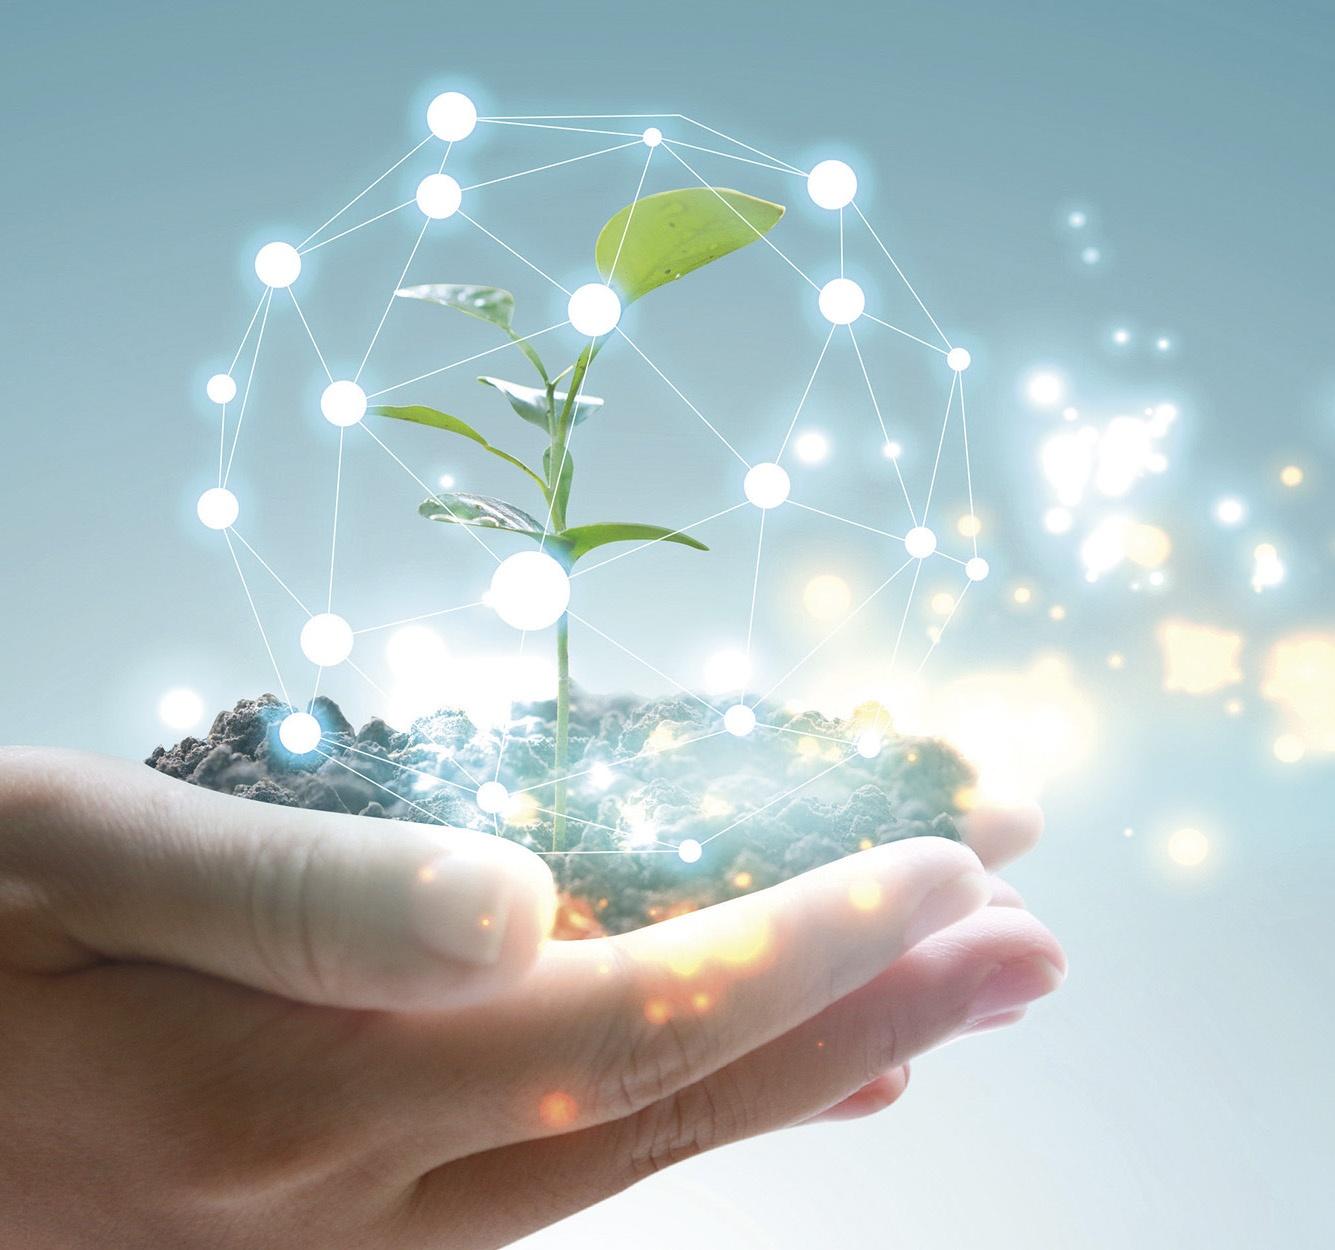 Tecnologia e innovazione nel rispetto dell'ambiente